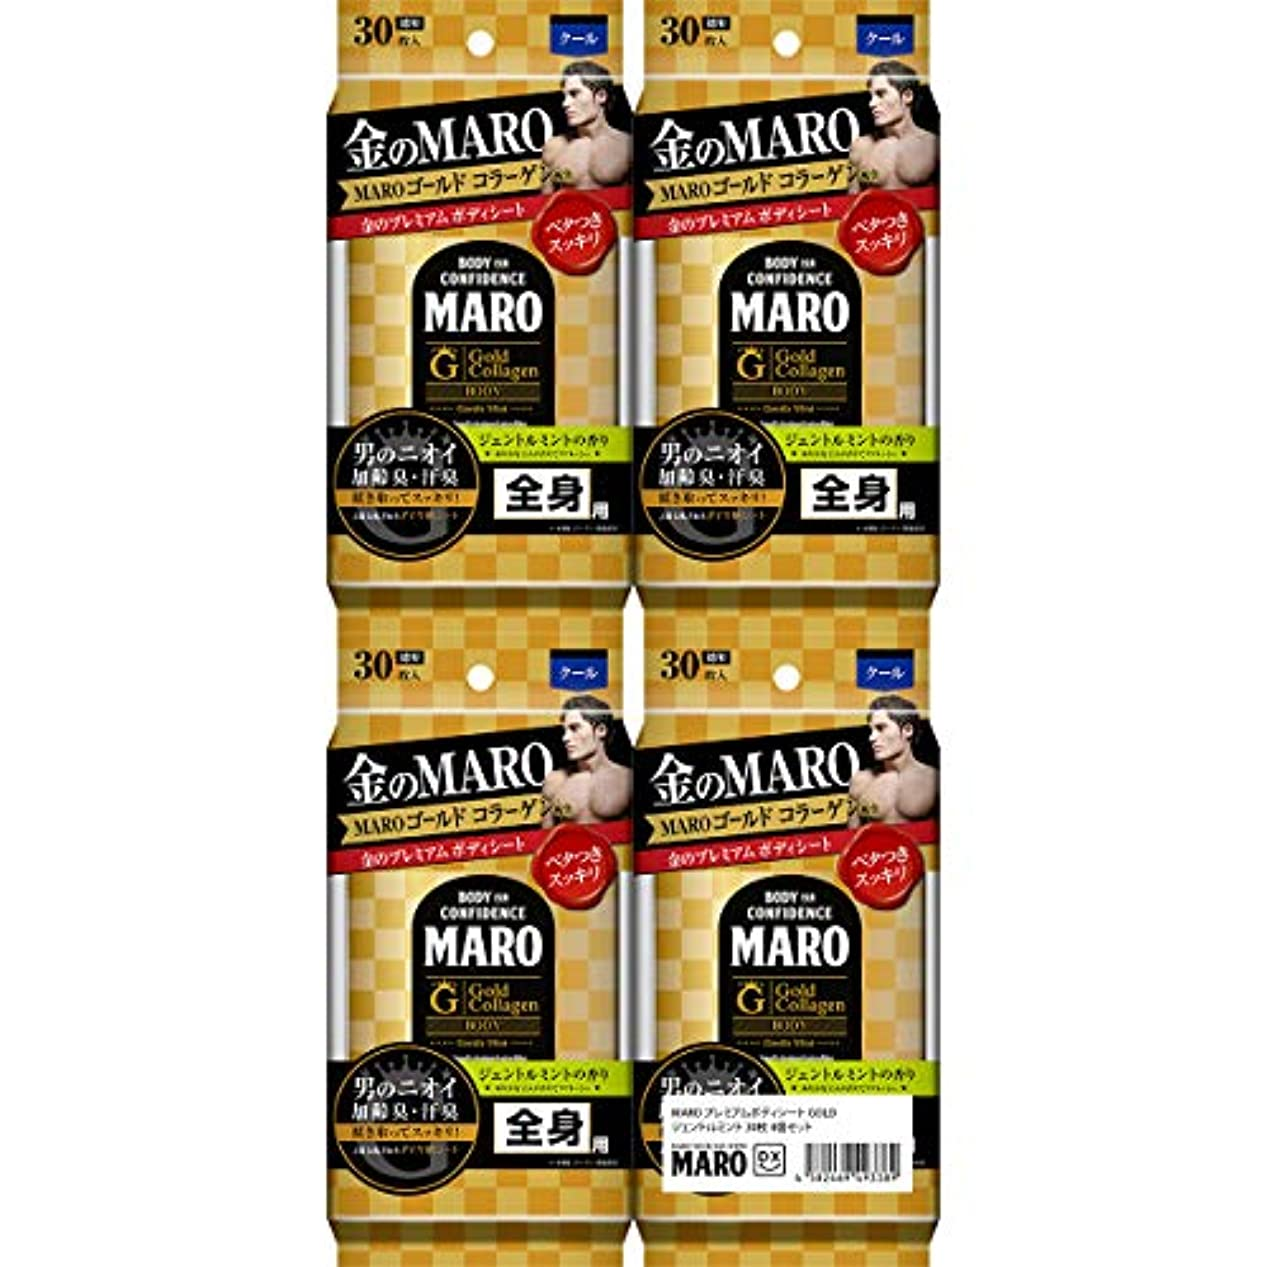 ピューキャベツパッド[Amazon限定ブランド] MARO DX デオドラント ボディシート GOLD ジェントルミントの香り 30枚×4